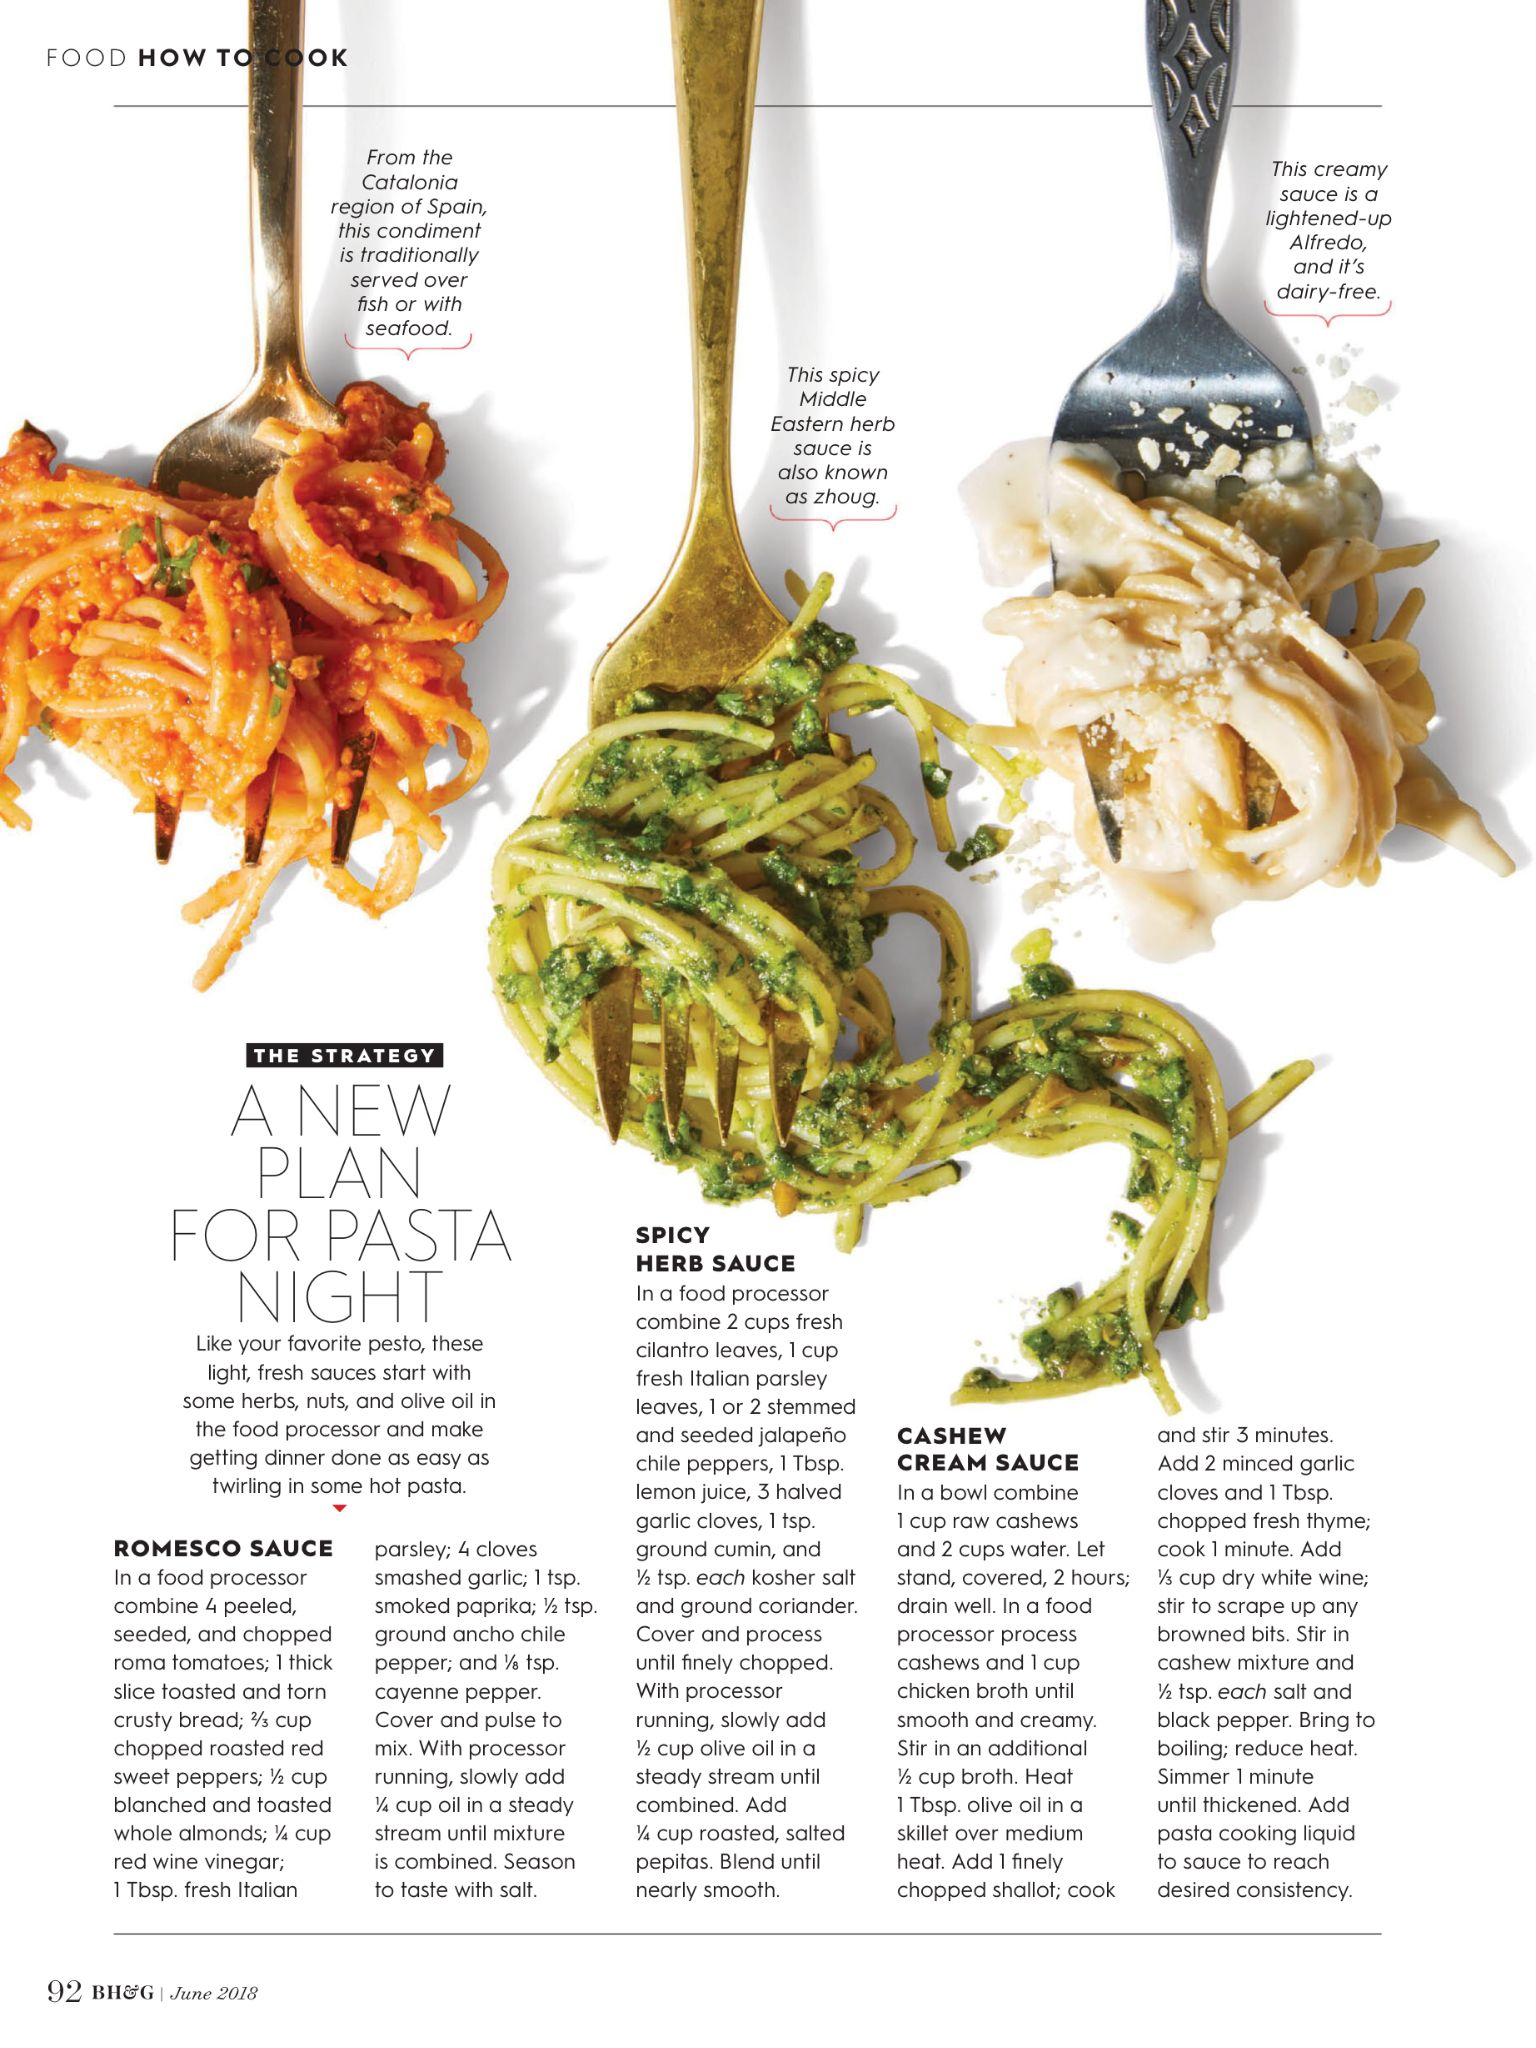 02a4912b2c4cbfc9c969856ec0c9e438 - Better Homes And Gardens Pasta Recipes